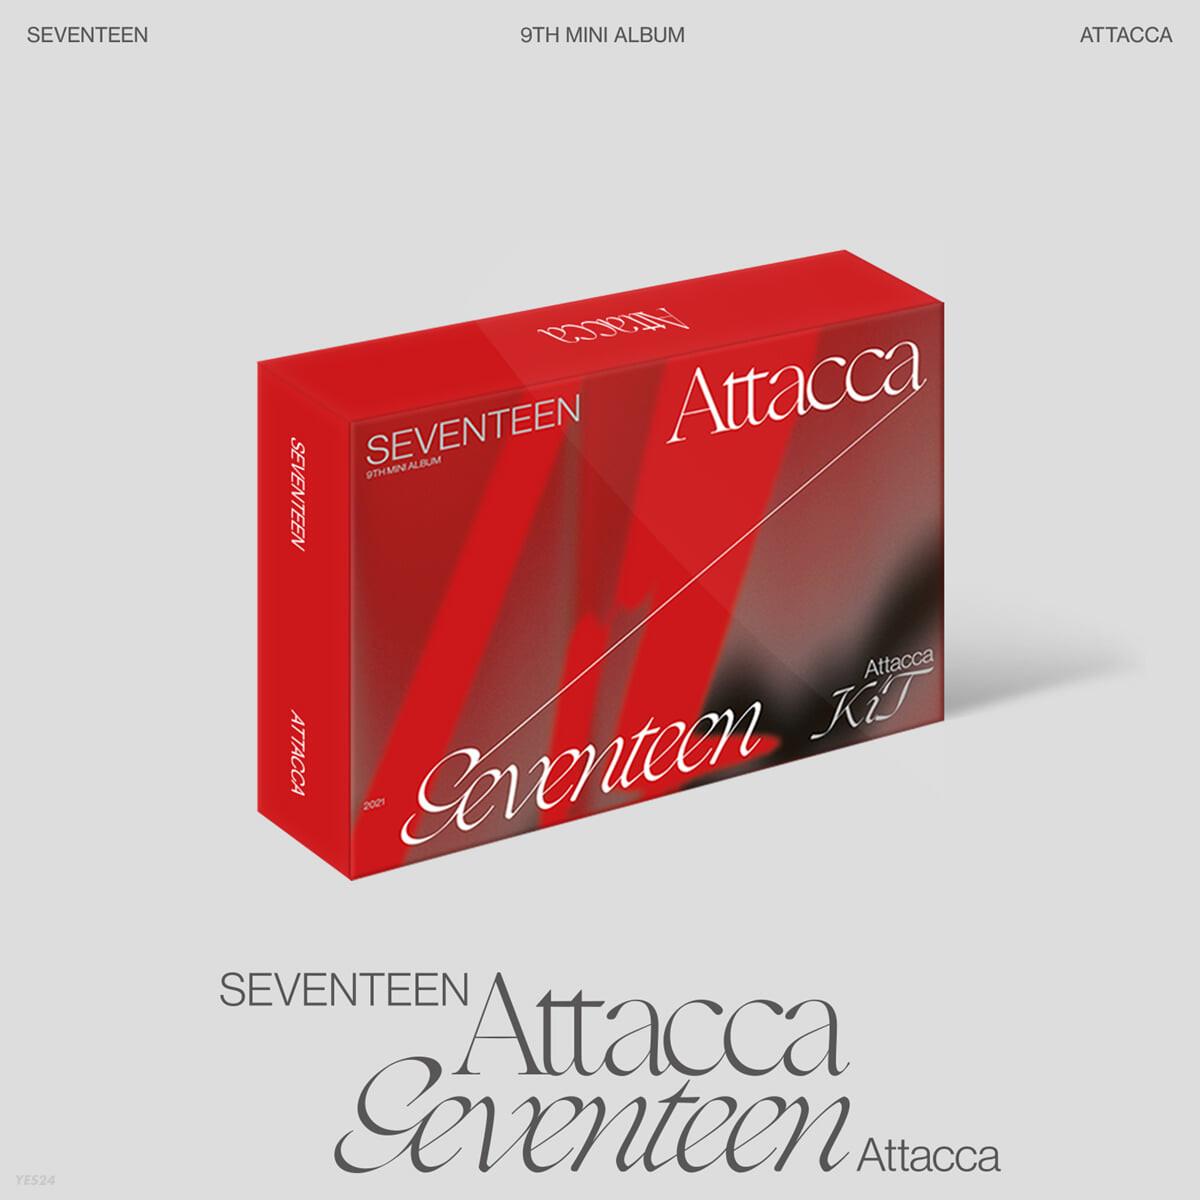 세븐틴 (Seventeen) - 미니앨범 9집 : Attacca [키트앨범]